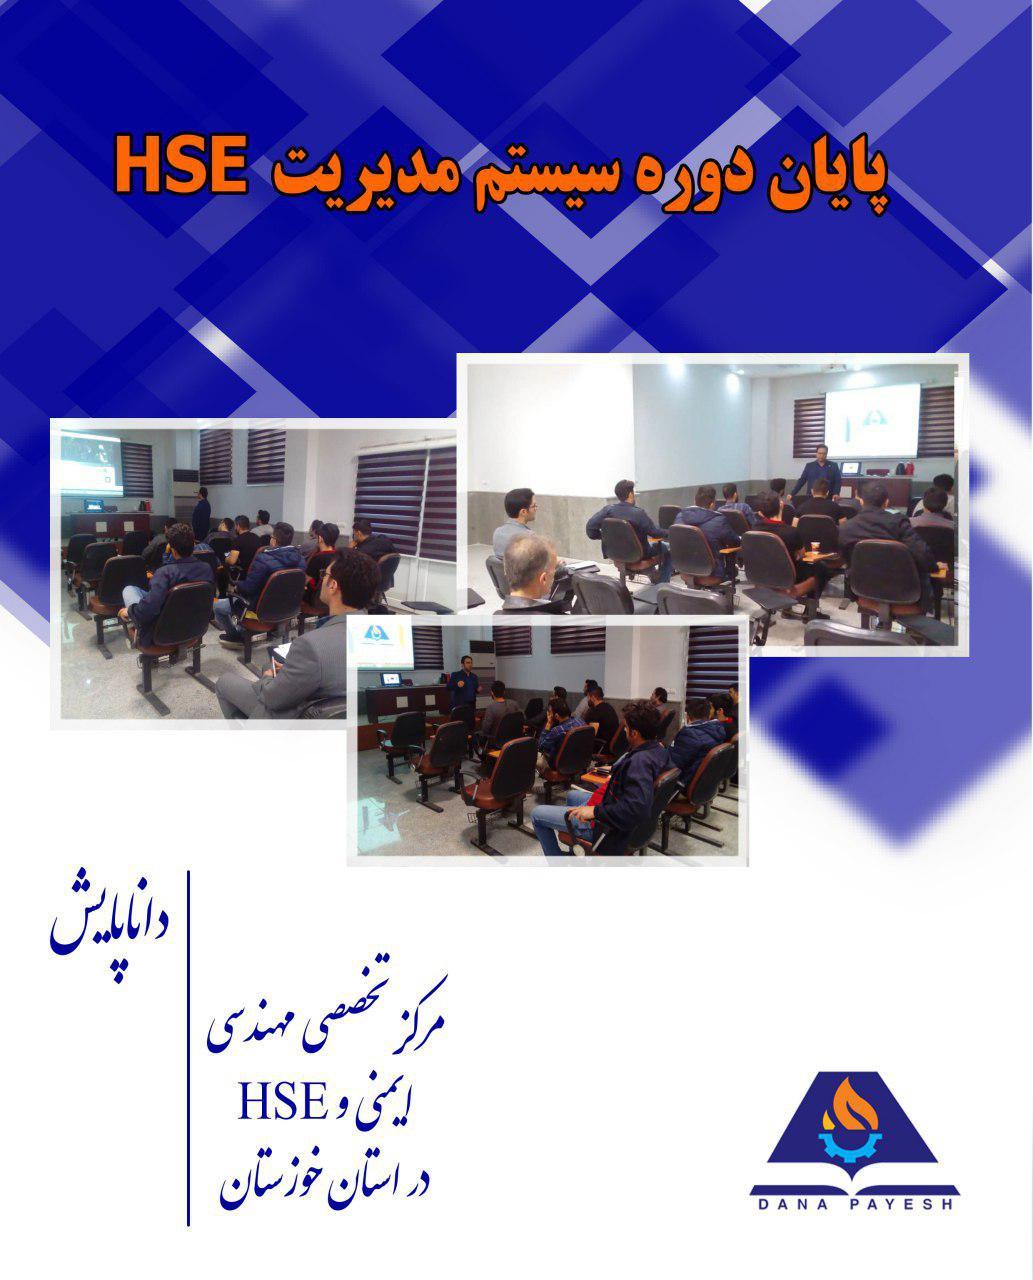 دوره آموزشی سیستم مدیریت HSE در اهواز